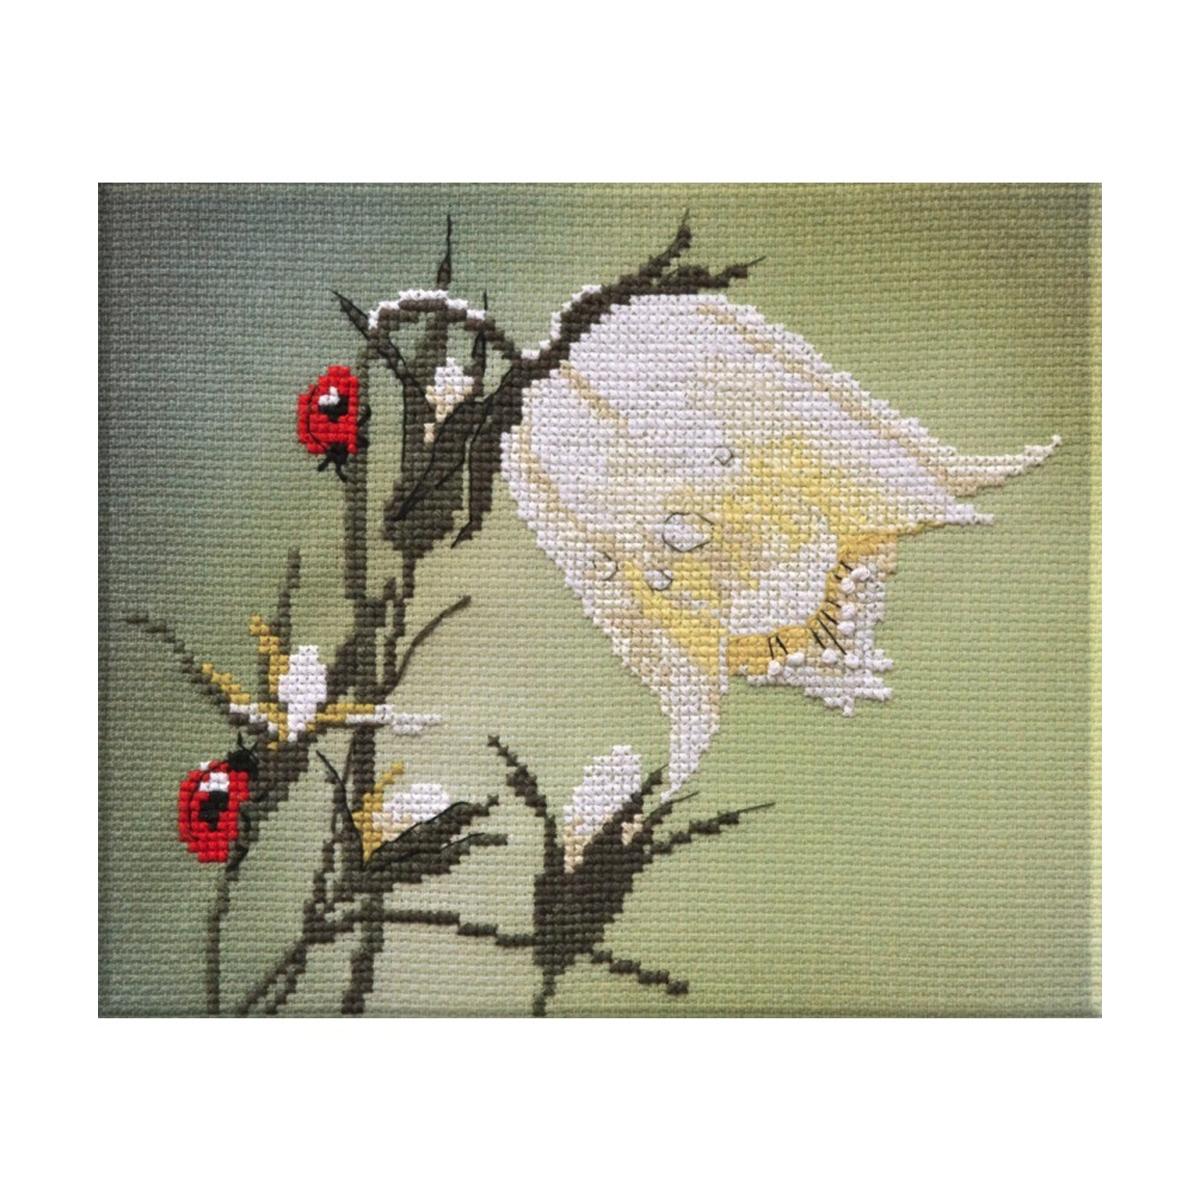 Набор для вышивания крестом Овен Белый колокольчик, 17 х 16 см набор для вышивания крестом овен щенки бигль 28 х 37 см